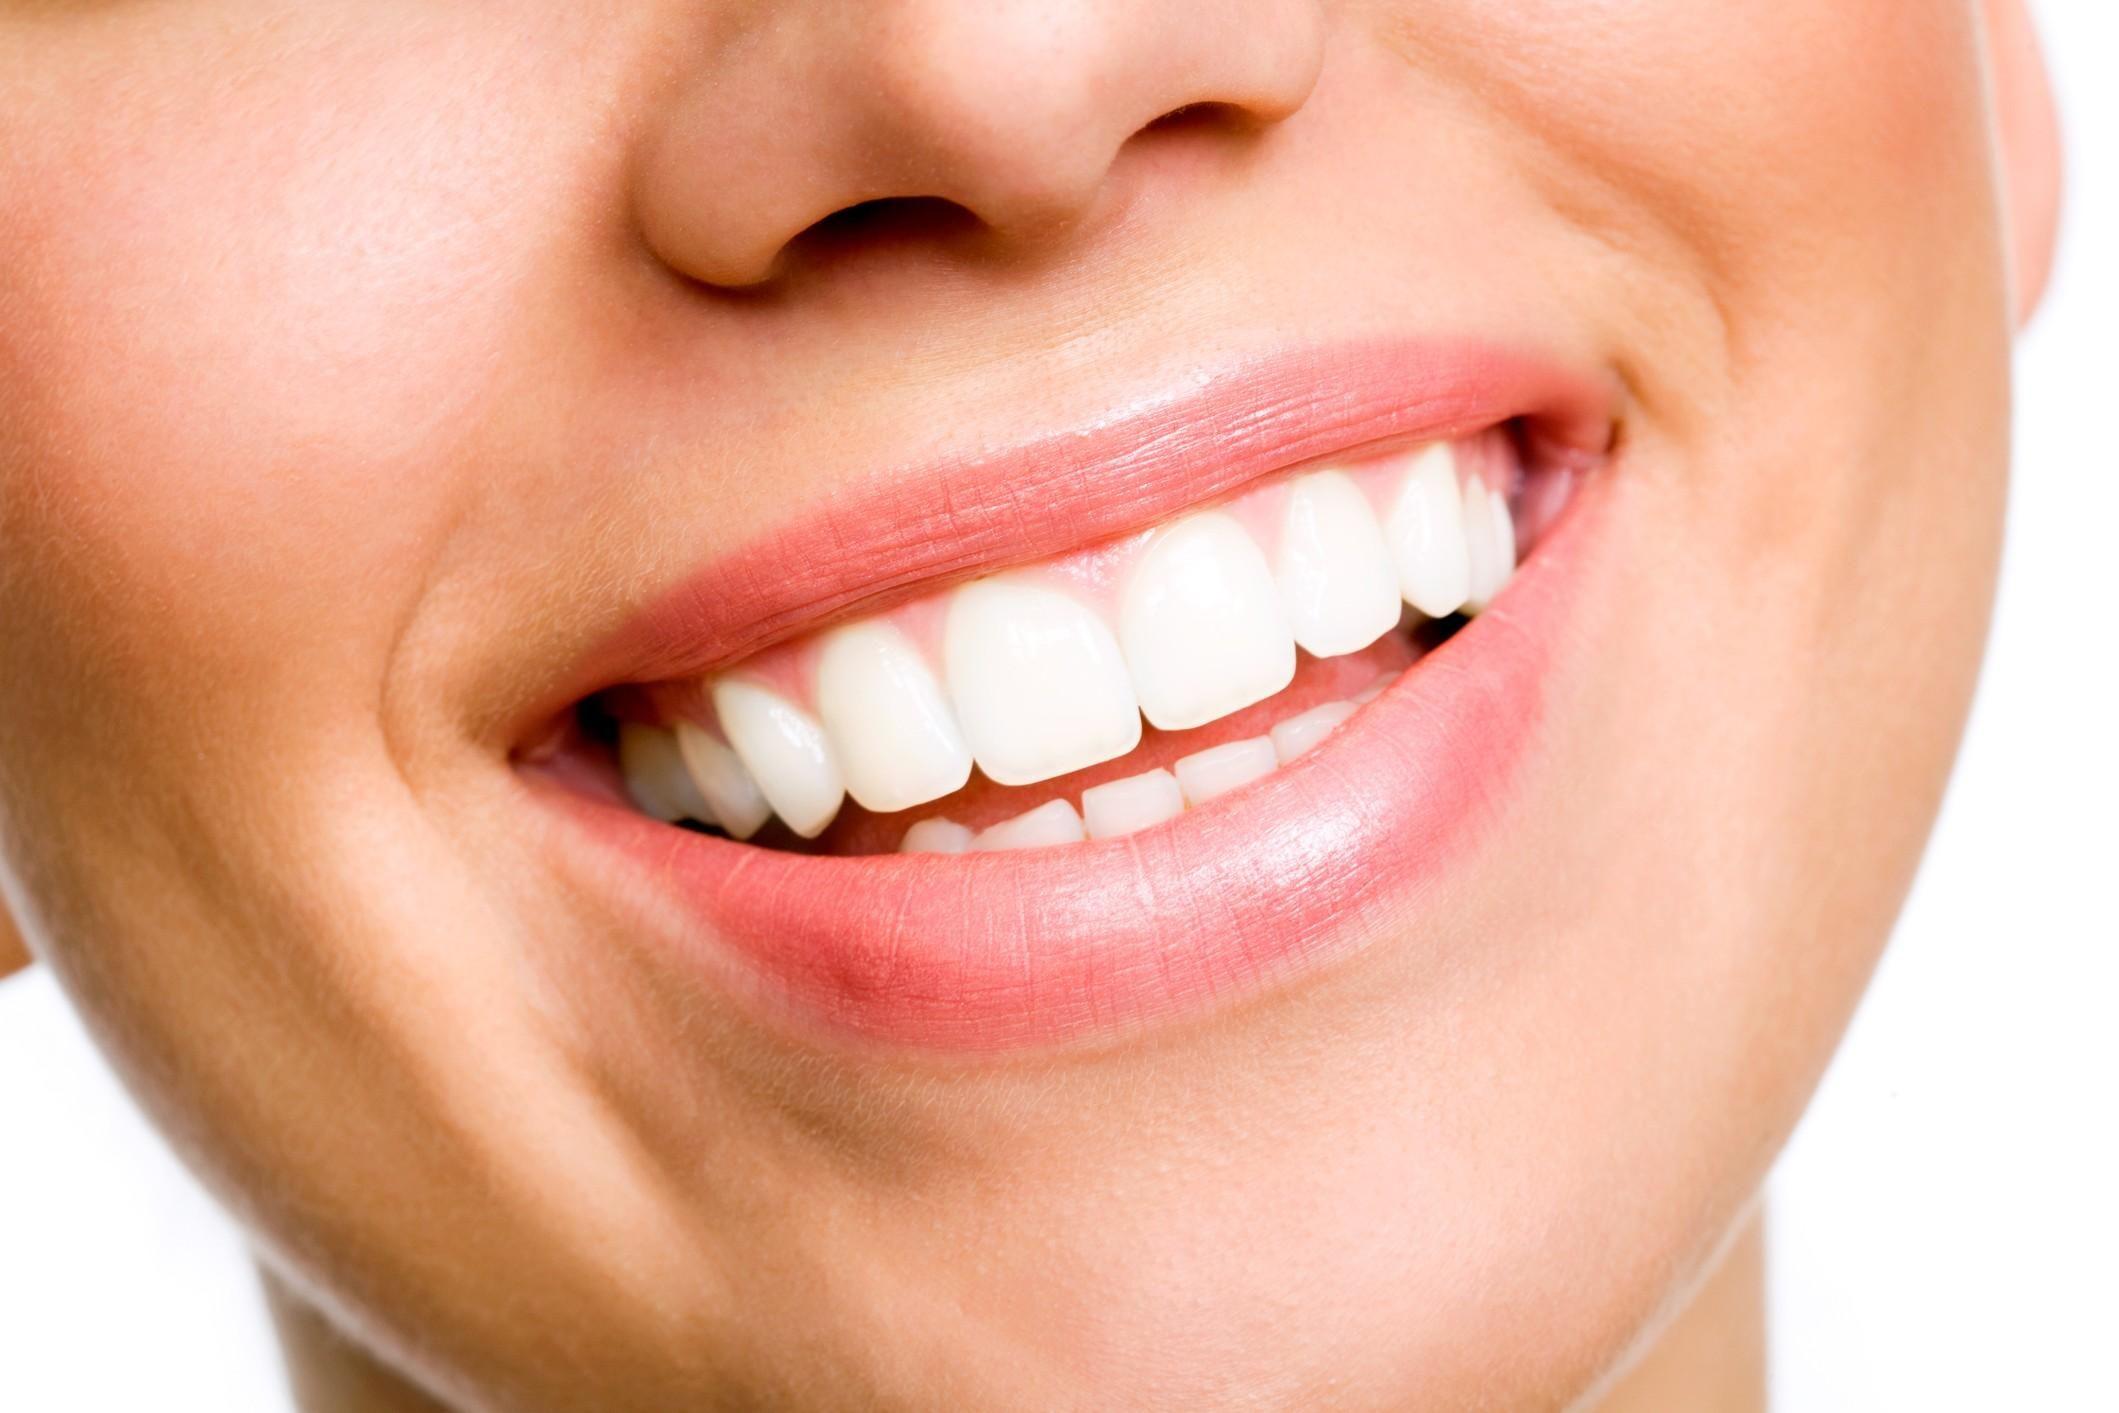 sbiancamento-dei-denti-rimedi-naturali_675ba6f2d5ce93e92f6d15975cae7a49